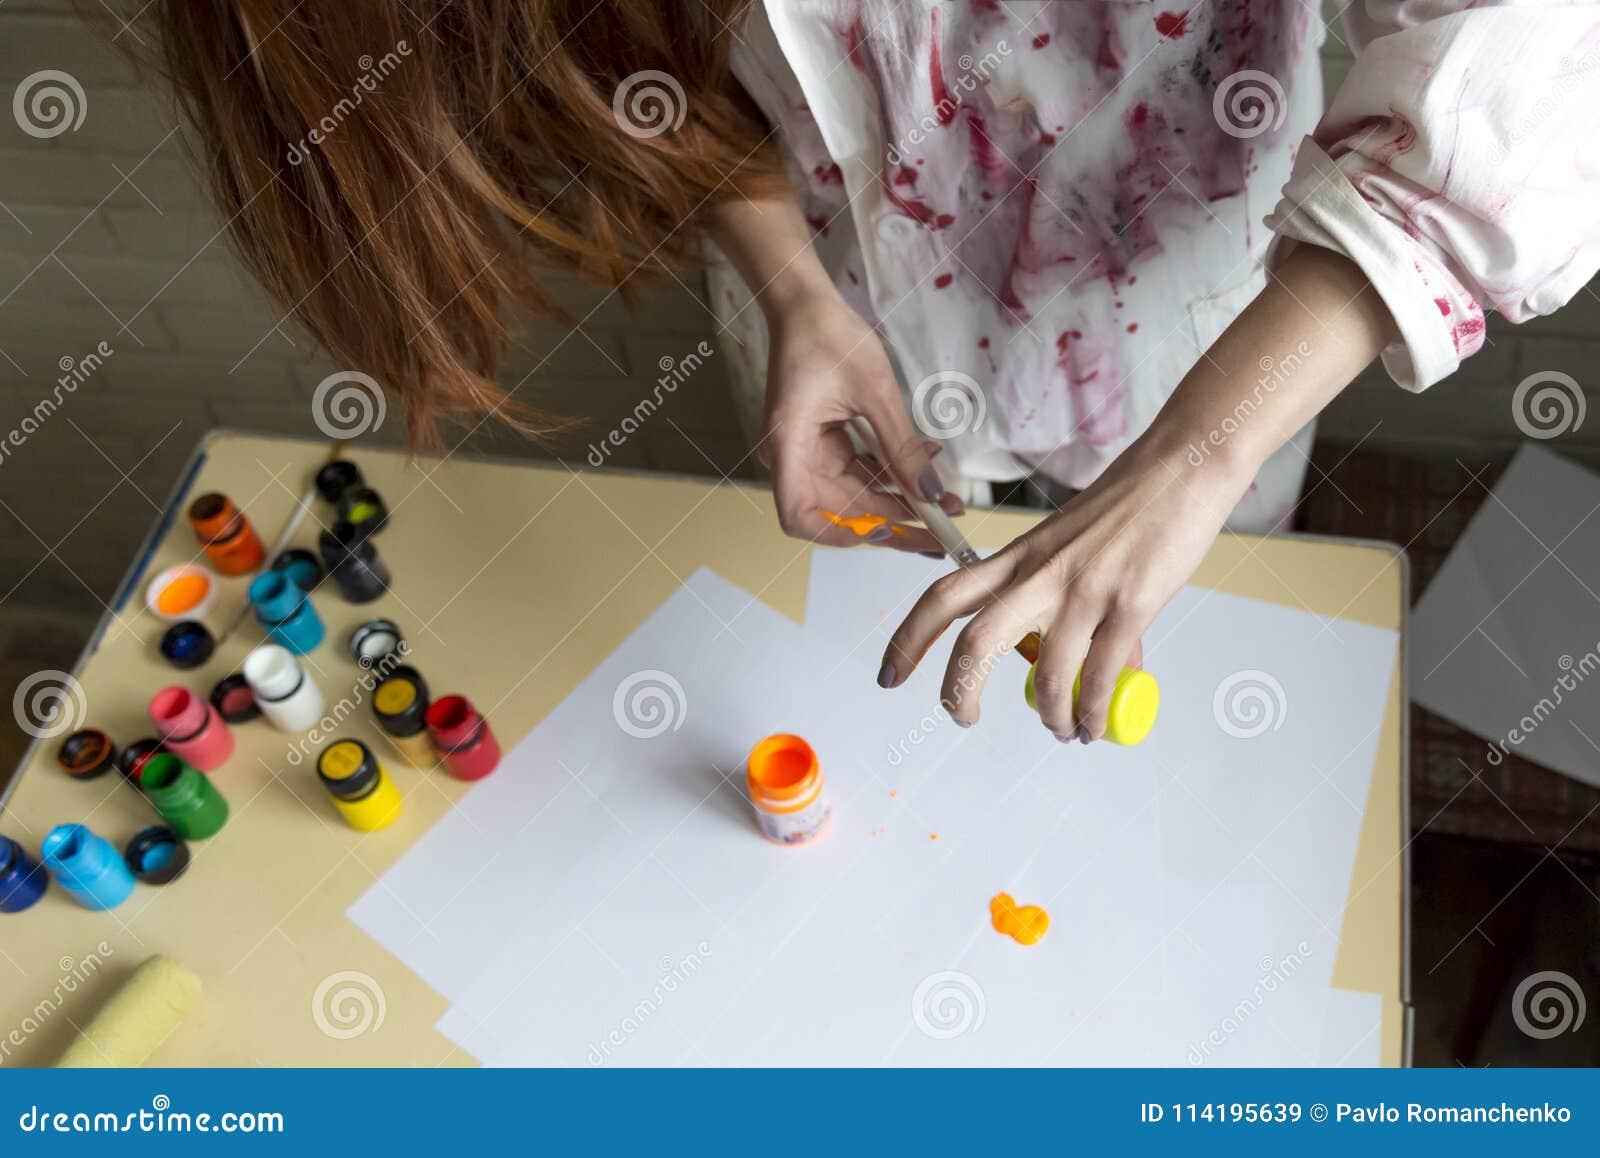 Een meisje schildert beeld met kleuren gebruikend haar eigen handen